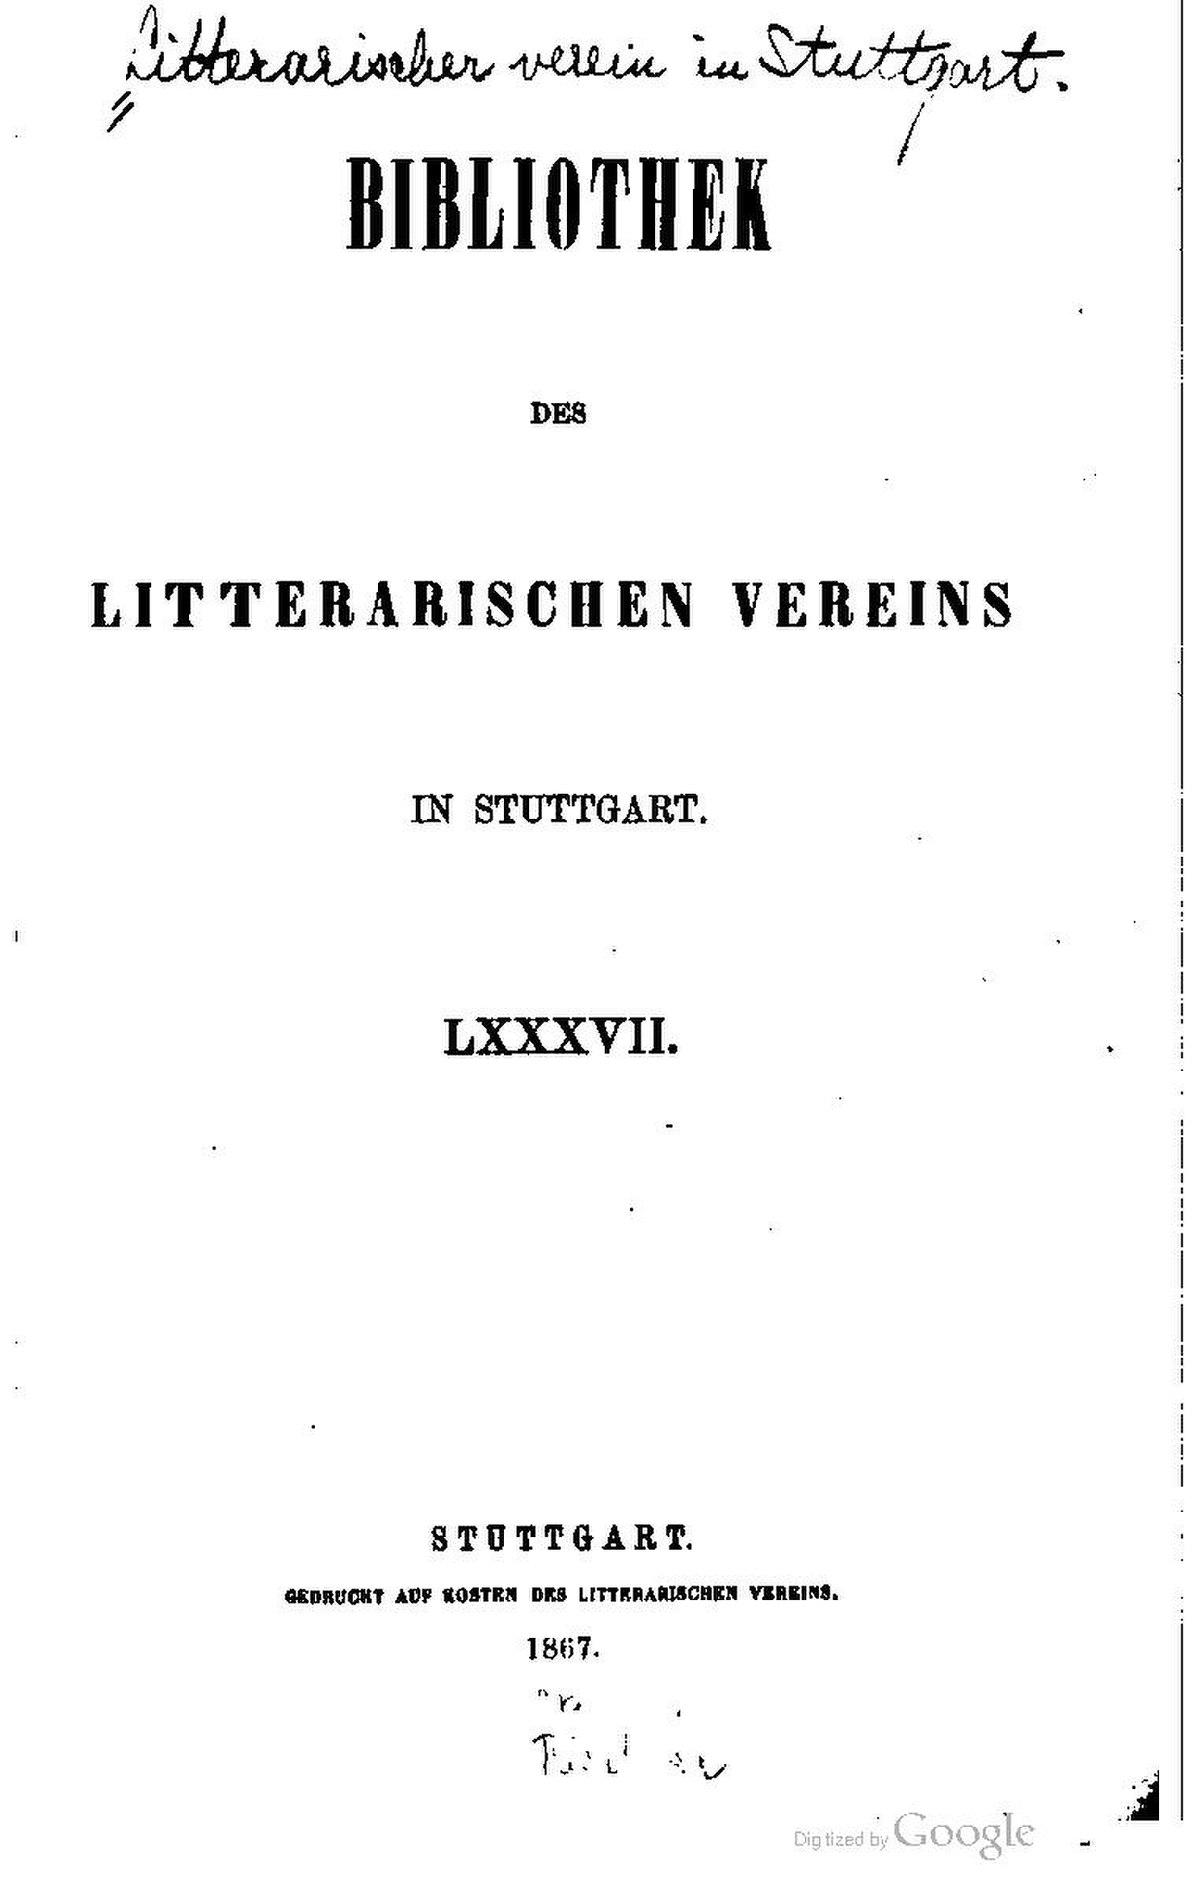 deutsche Search, page 106